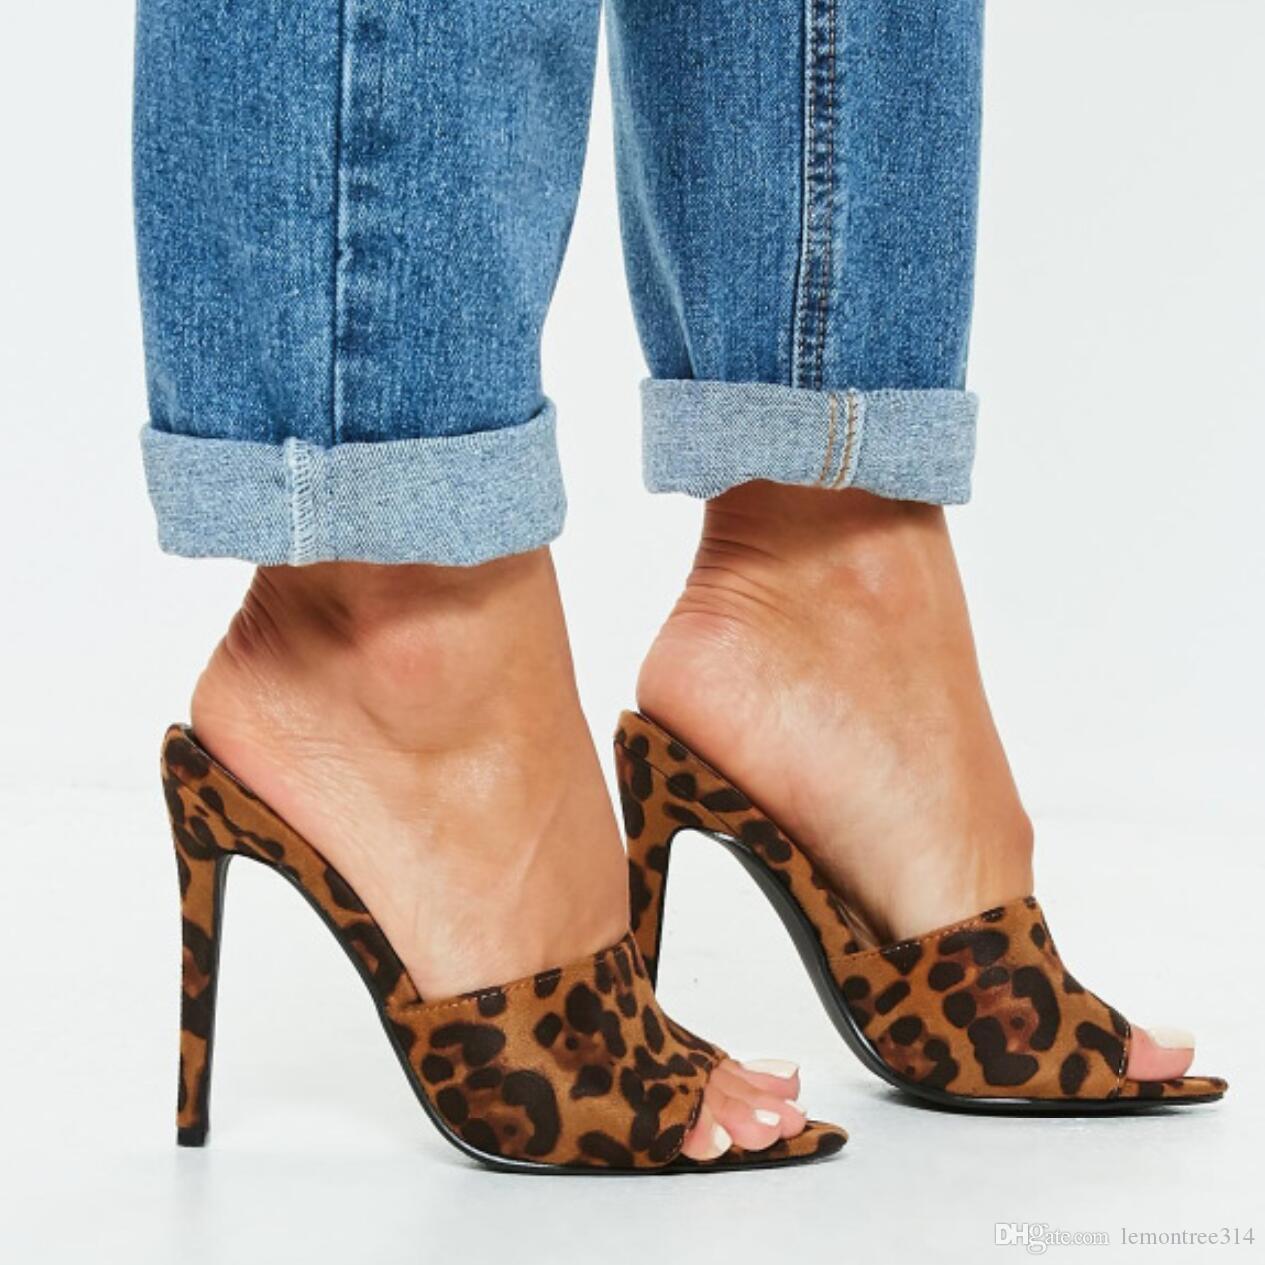 baratas para descuento 8f405 3691d Mujeres sexy sandalias de leopardo de señora tacones altos peep toe  zapatillas de gamuza bombas partido de noche zapatos de deslizamiento en  stilettos ...